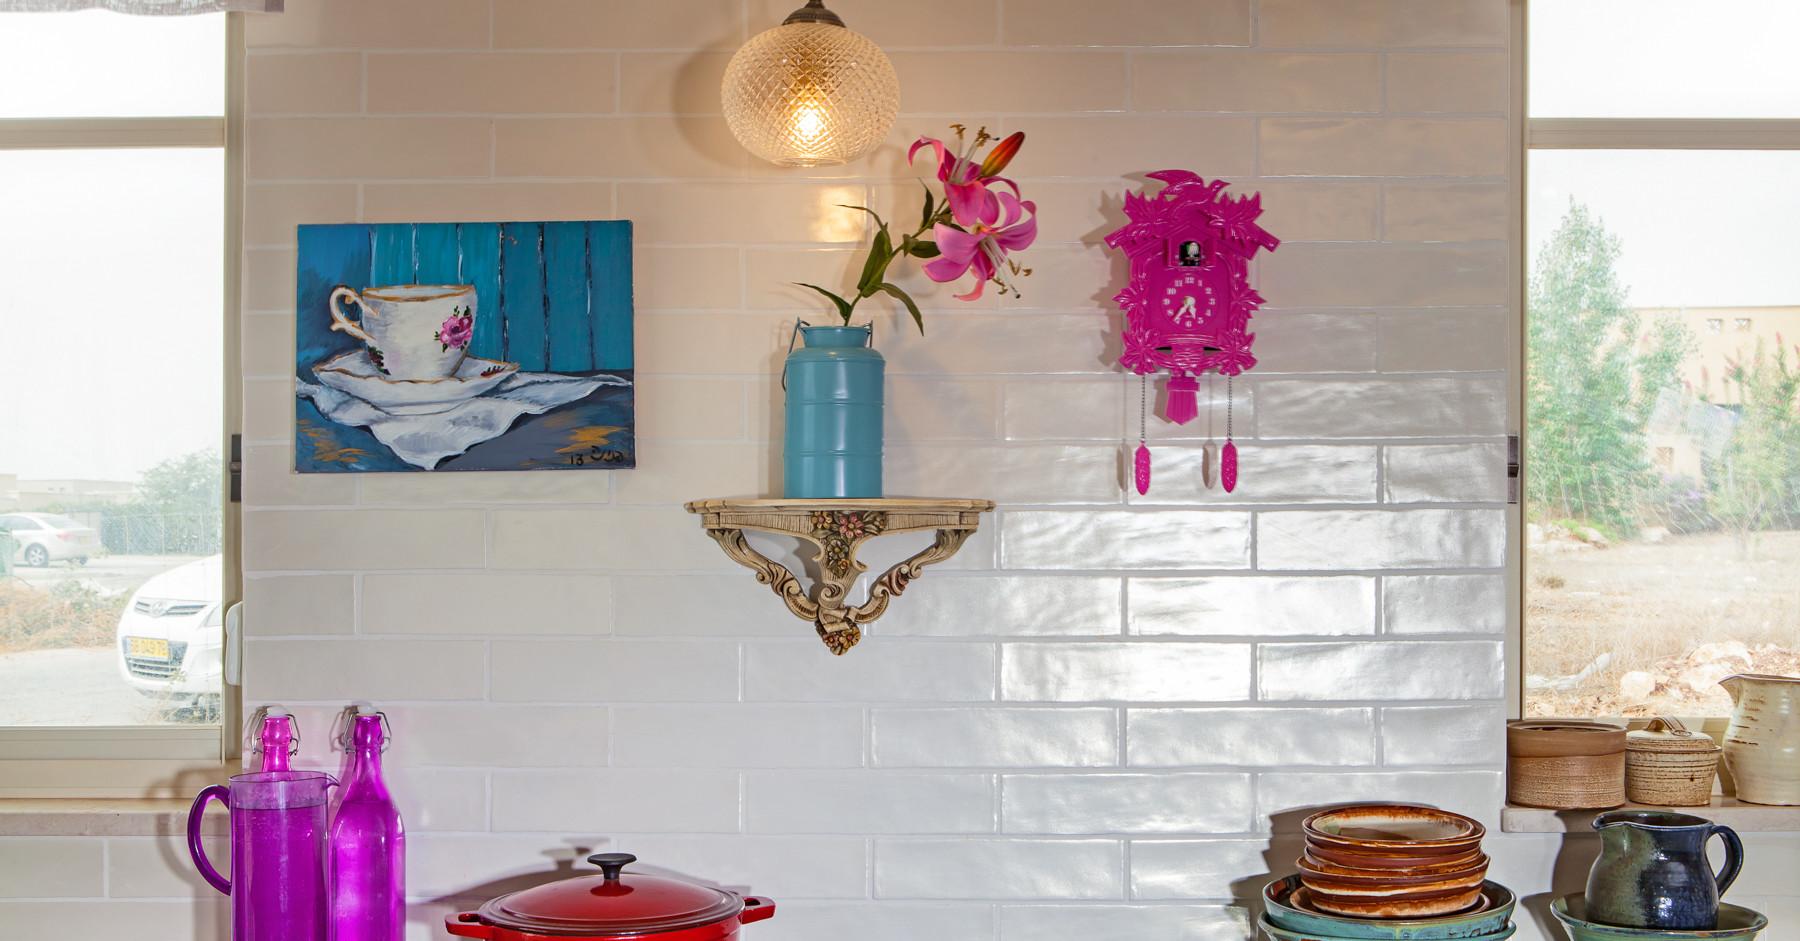 יצירות של בעלי הבית על קירות המטבח